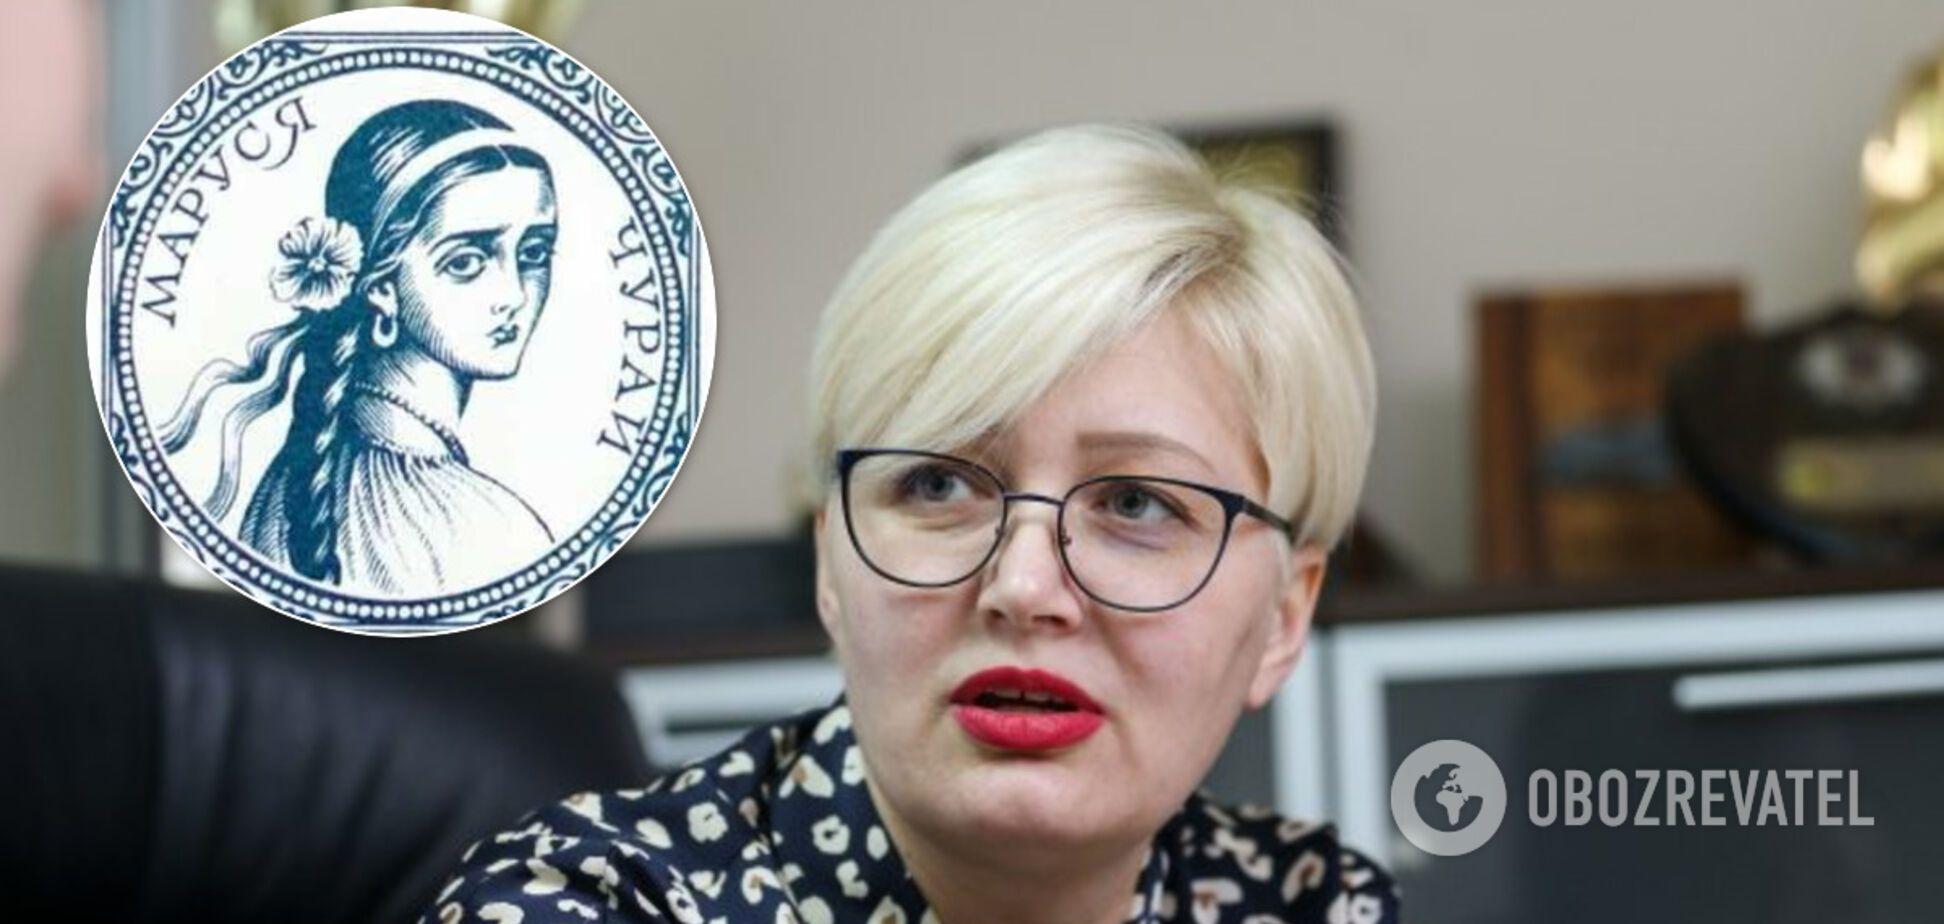 Ницой раскритиковала программу онлайн-уроков для украинских школьников